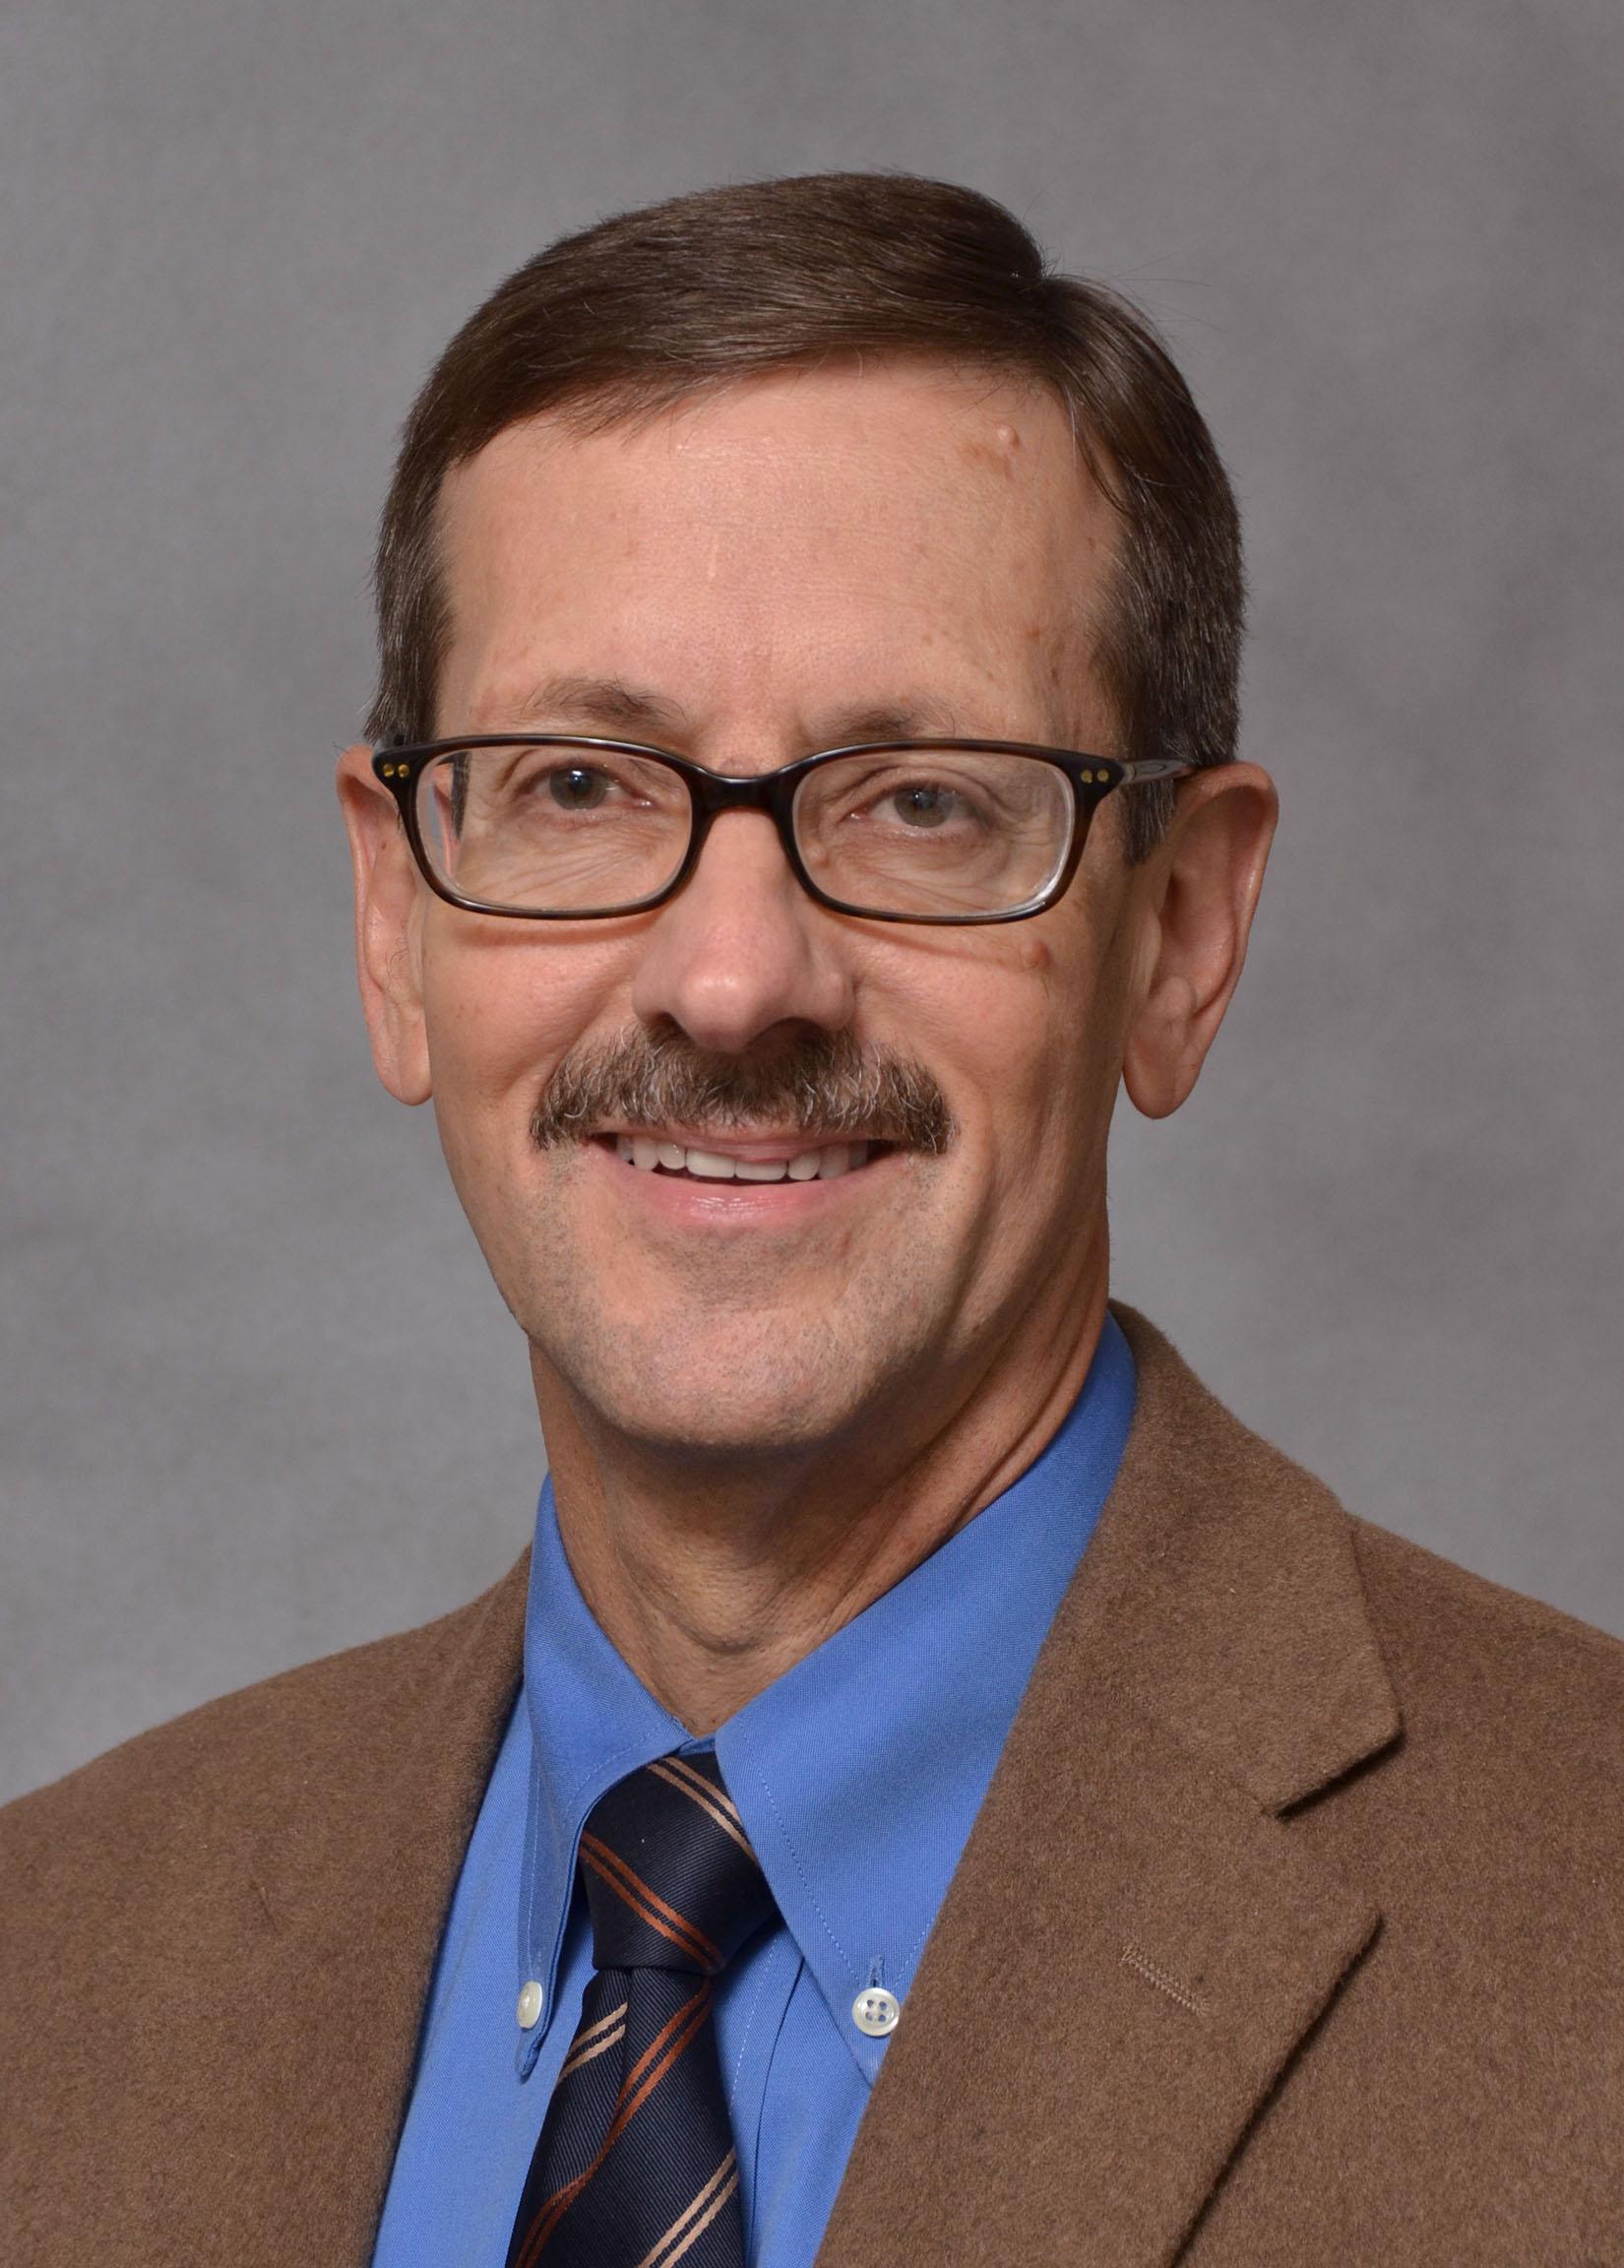 Joseph Neglia, MD, MPH